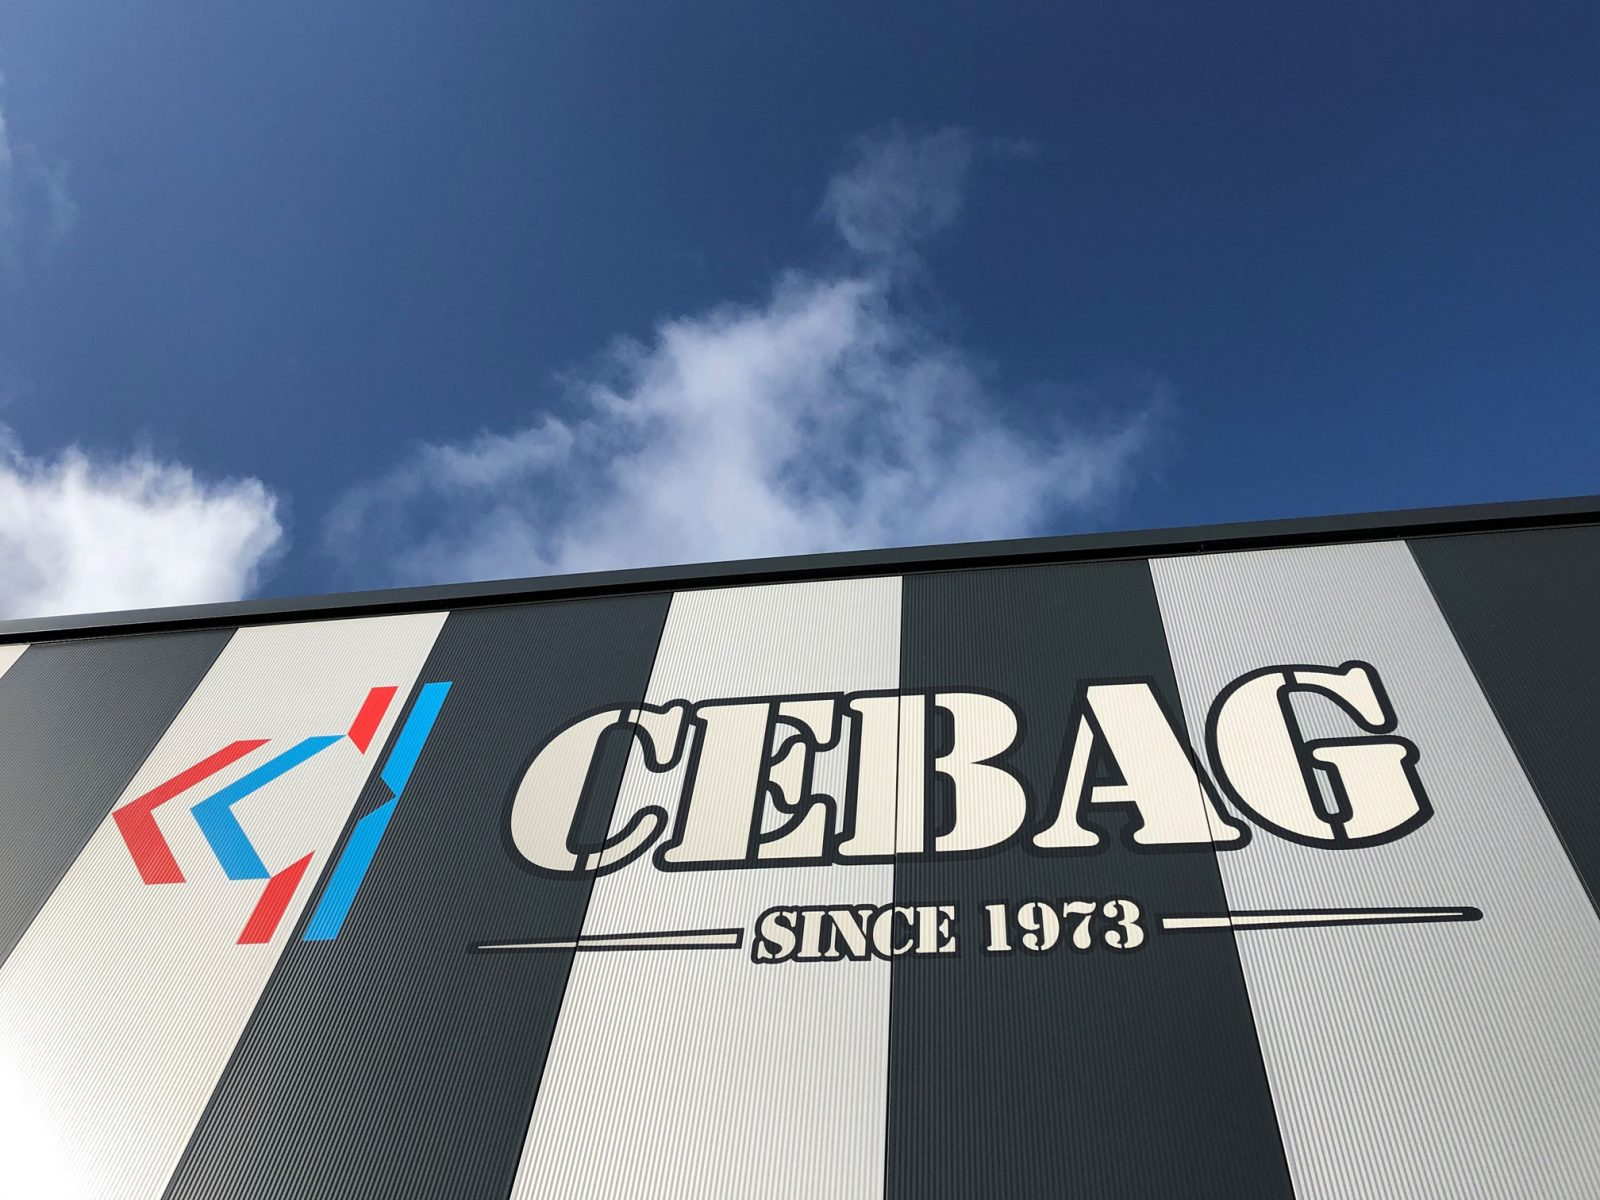 Cebag(6)